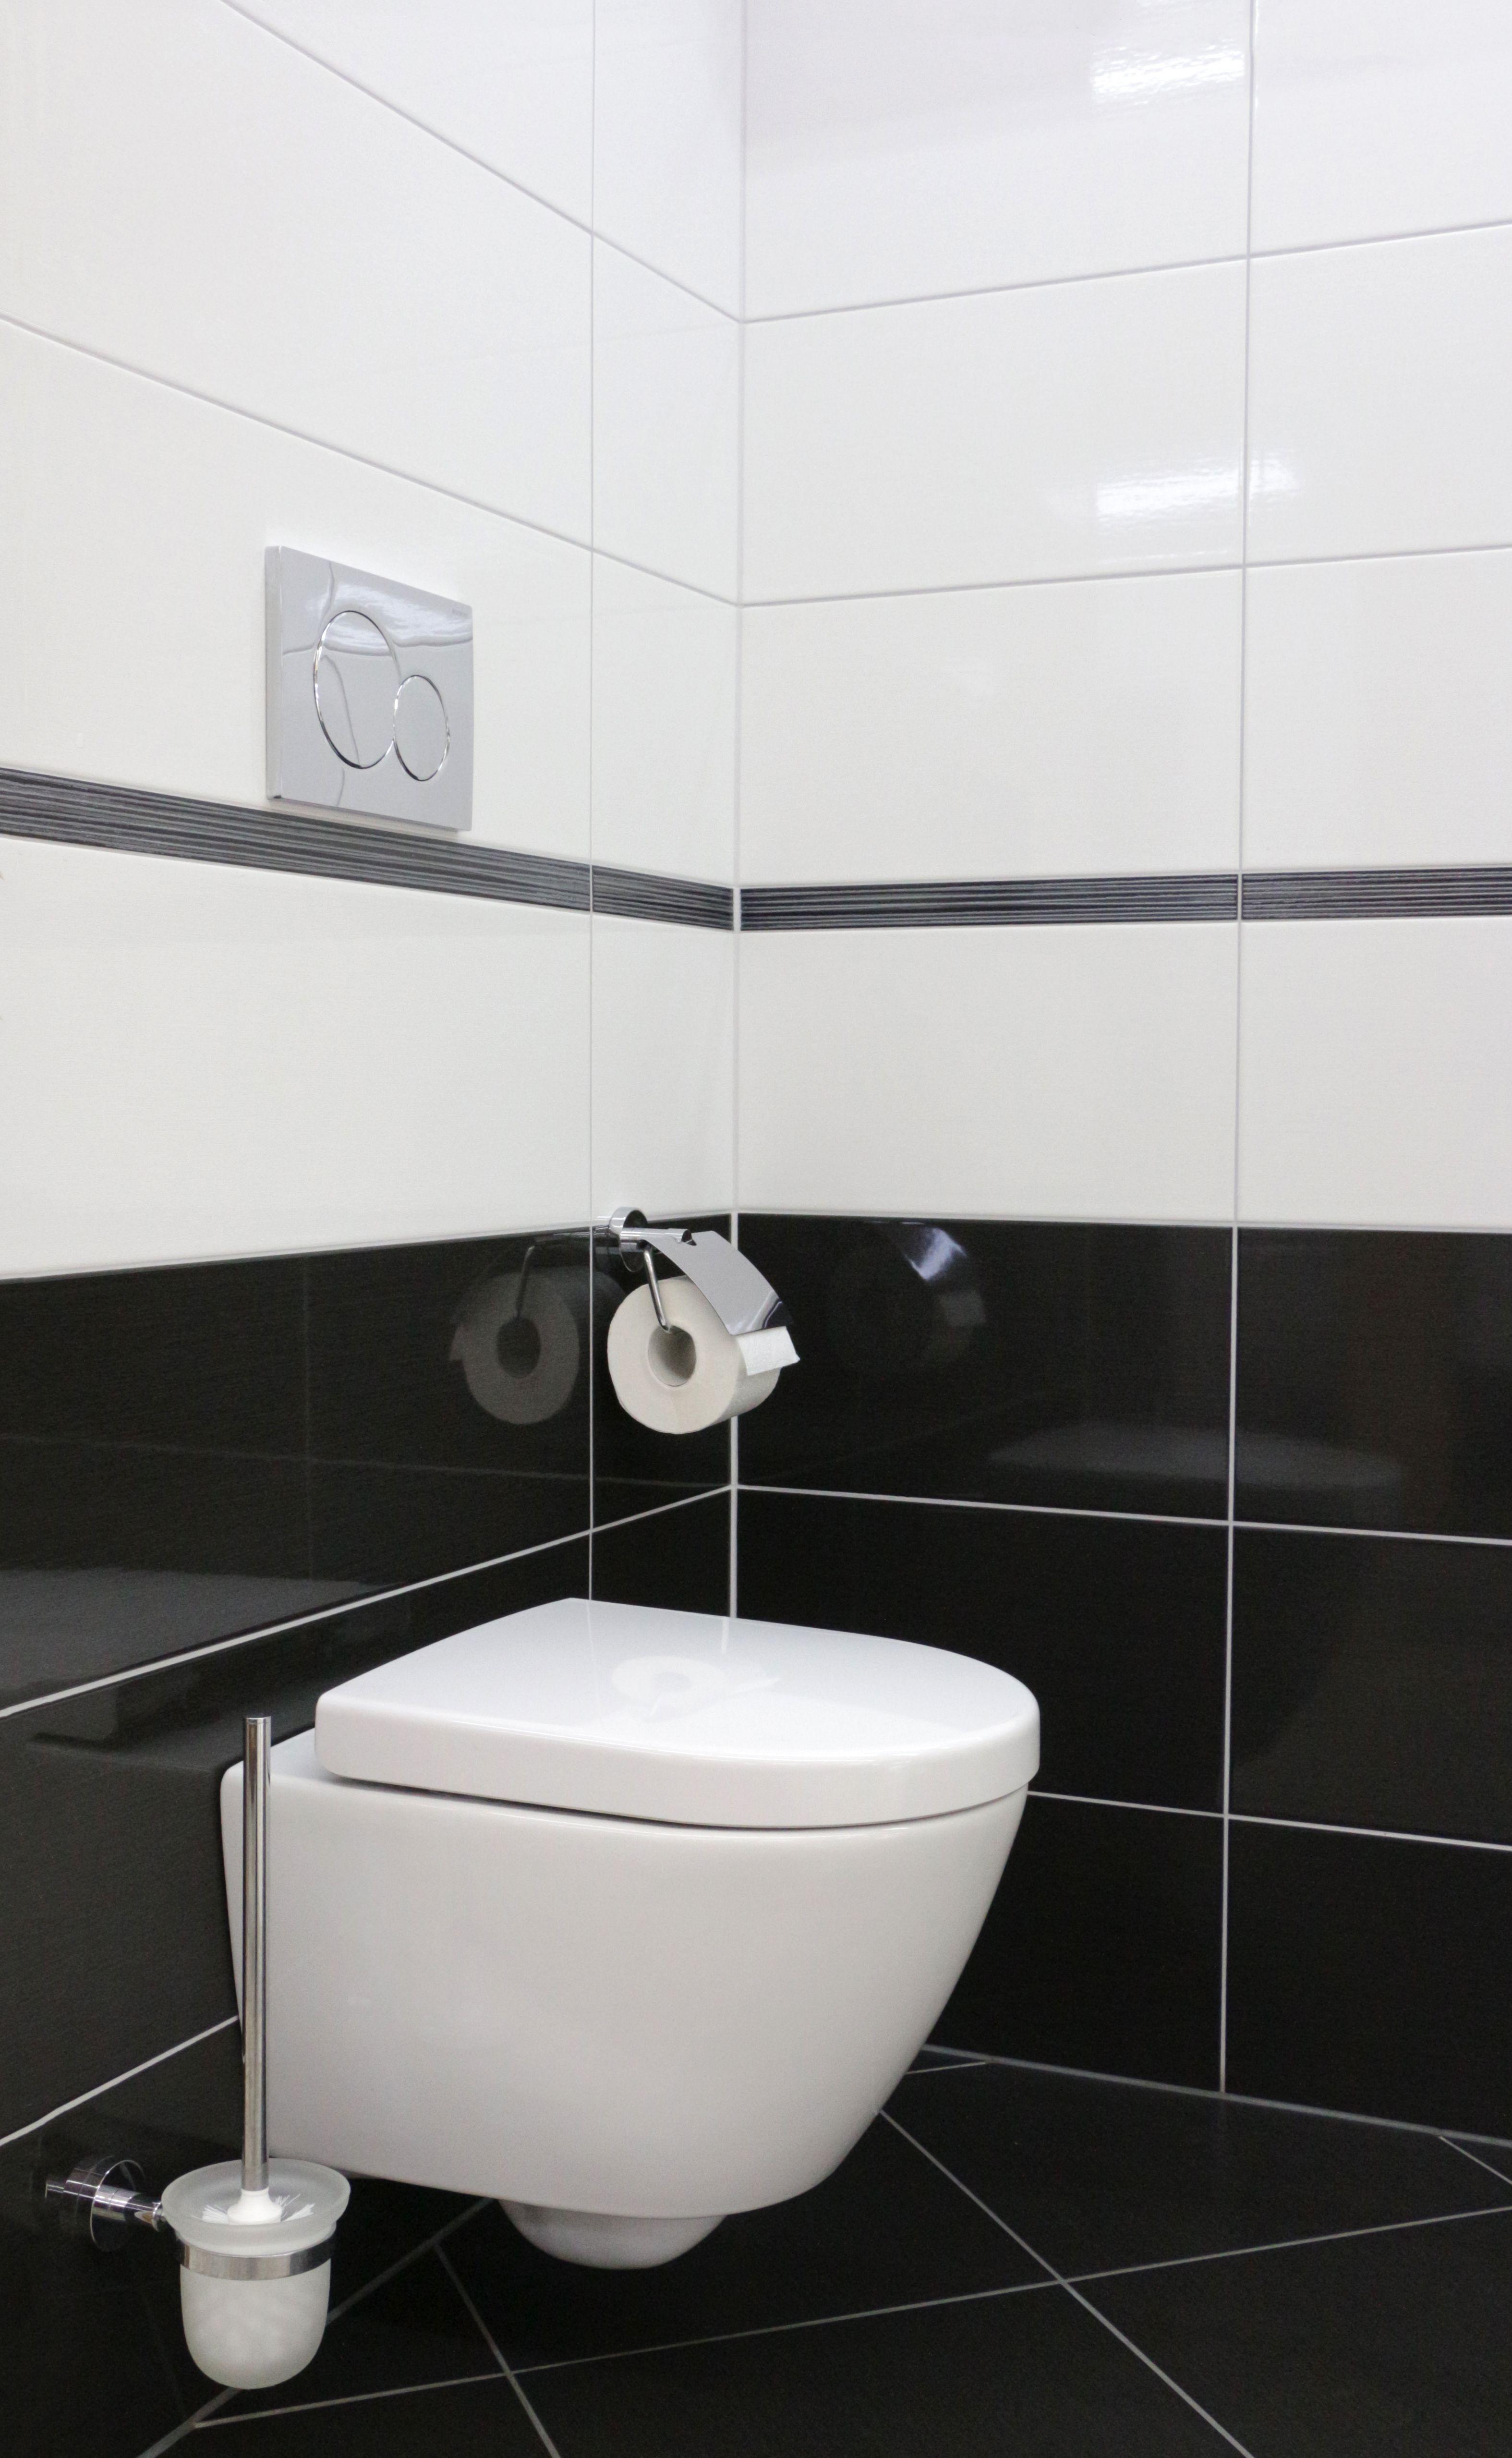 Badezimmer design weiß badezimmer fliesen schwarz weiss  wohnzimmer wandgestaltung